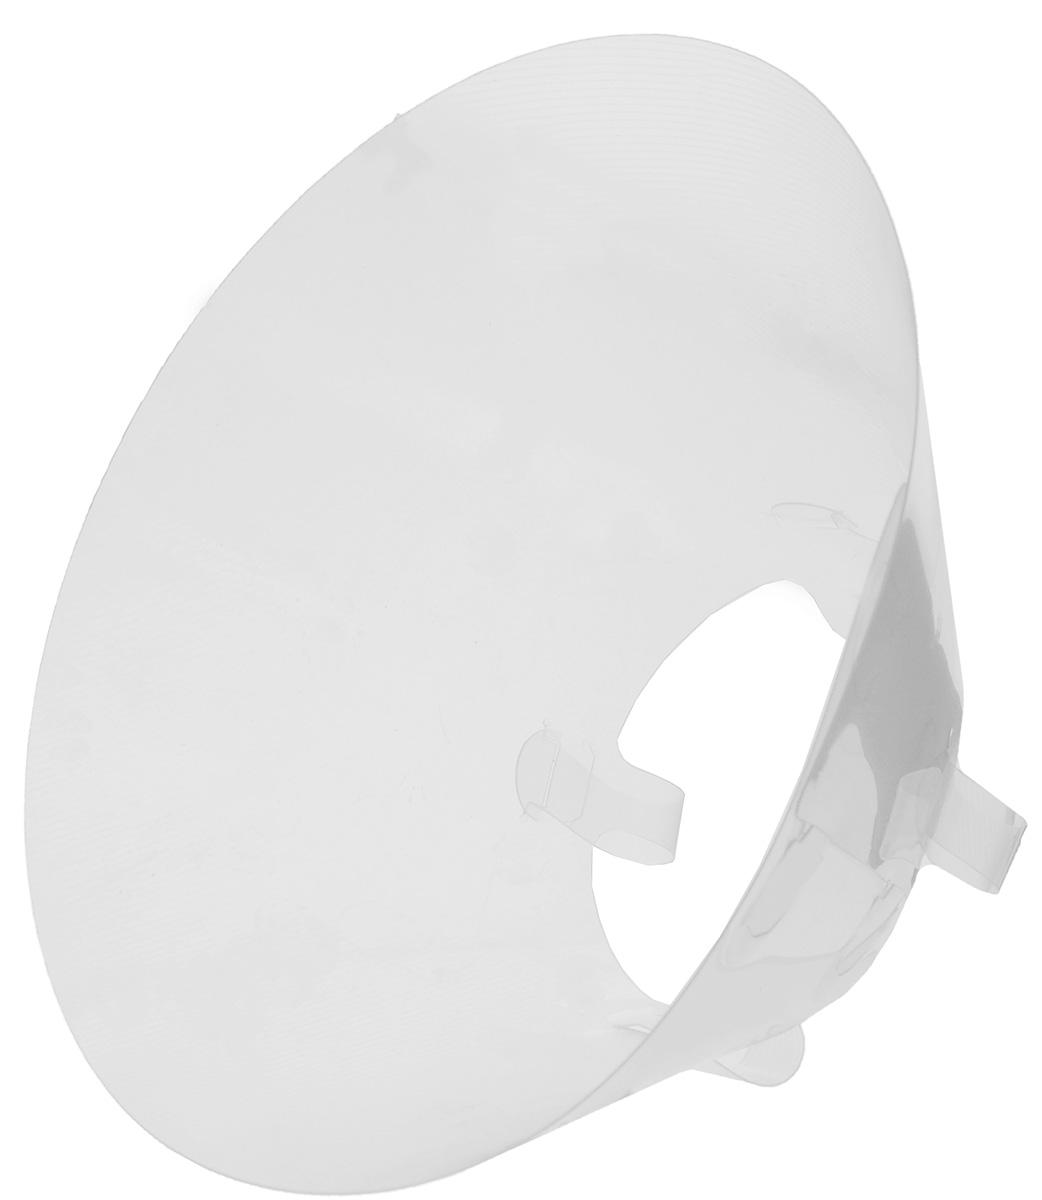 Защитный воротник для животных Kruuse Buster, высота 20 см. 140830120710Защитный воротник Kruuse Buster изготовлен из высококачественного нетоксичного пластика, который позволяет сохранять углы обзора для животного. Изделие разработано для ограничения доступа собаки к заживающей ране или послеоперационному шву. Простота в эксплуатации позволяет хозяевам самостоятельно одевать и снимать защитный воротник с собаки. Подходит для собак средних пород.Обхват шеи: 12-14 см.Высота воротника: 20 см.